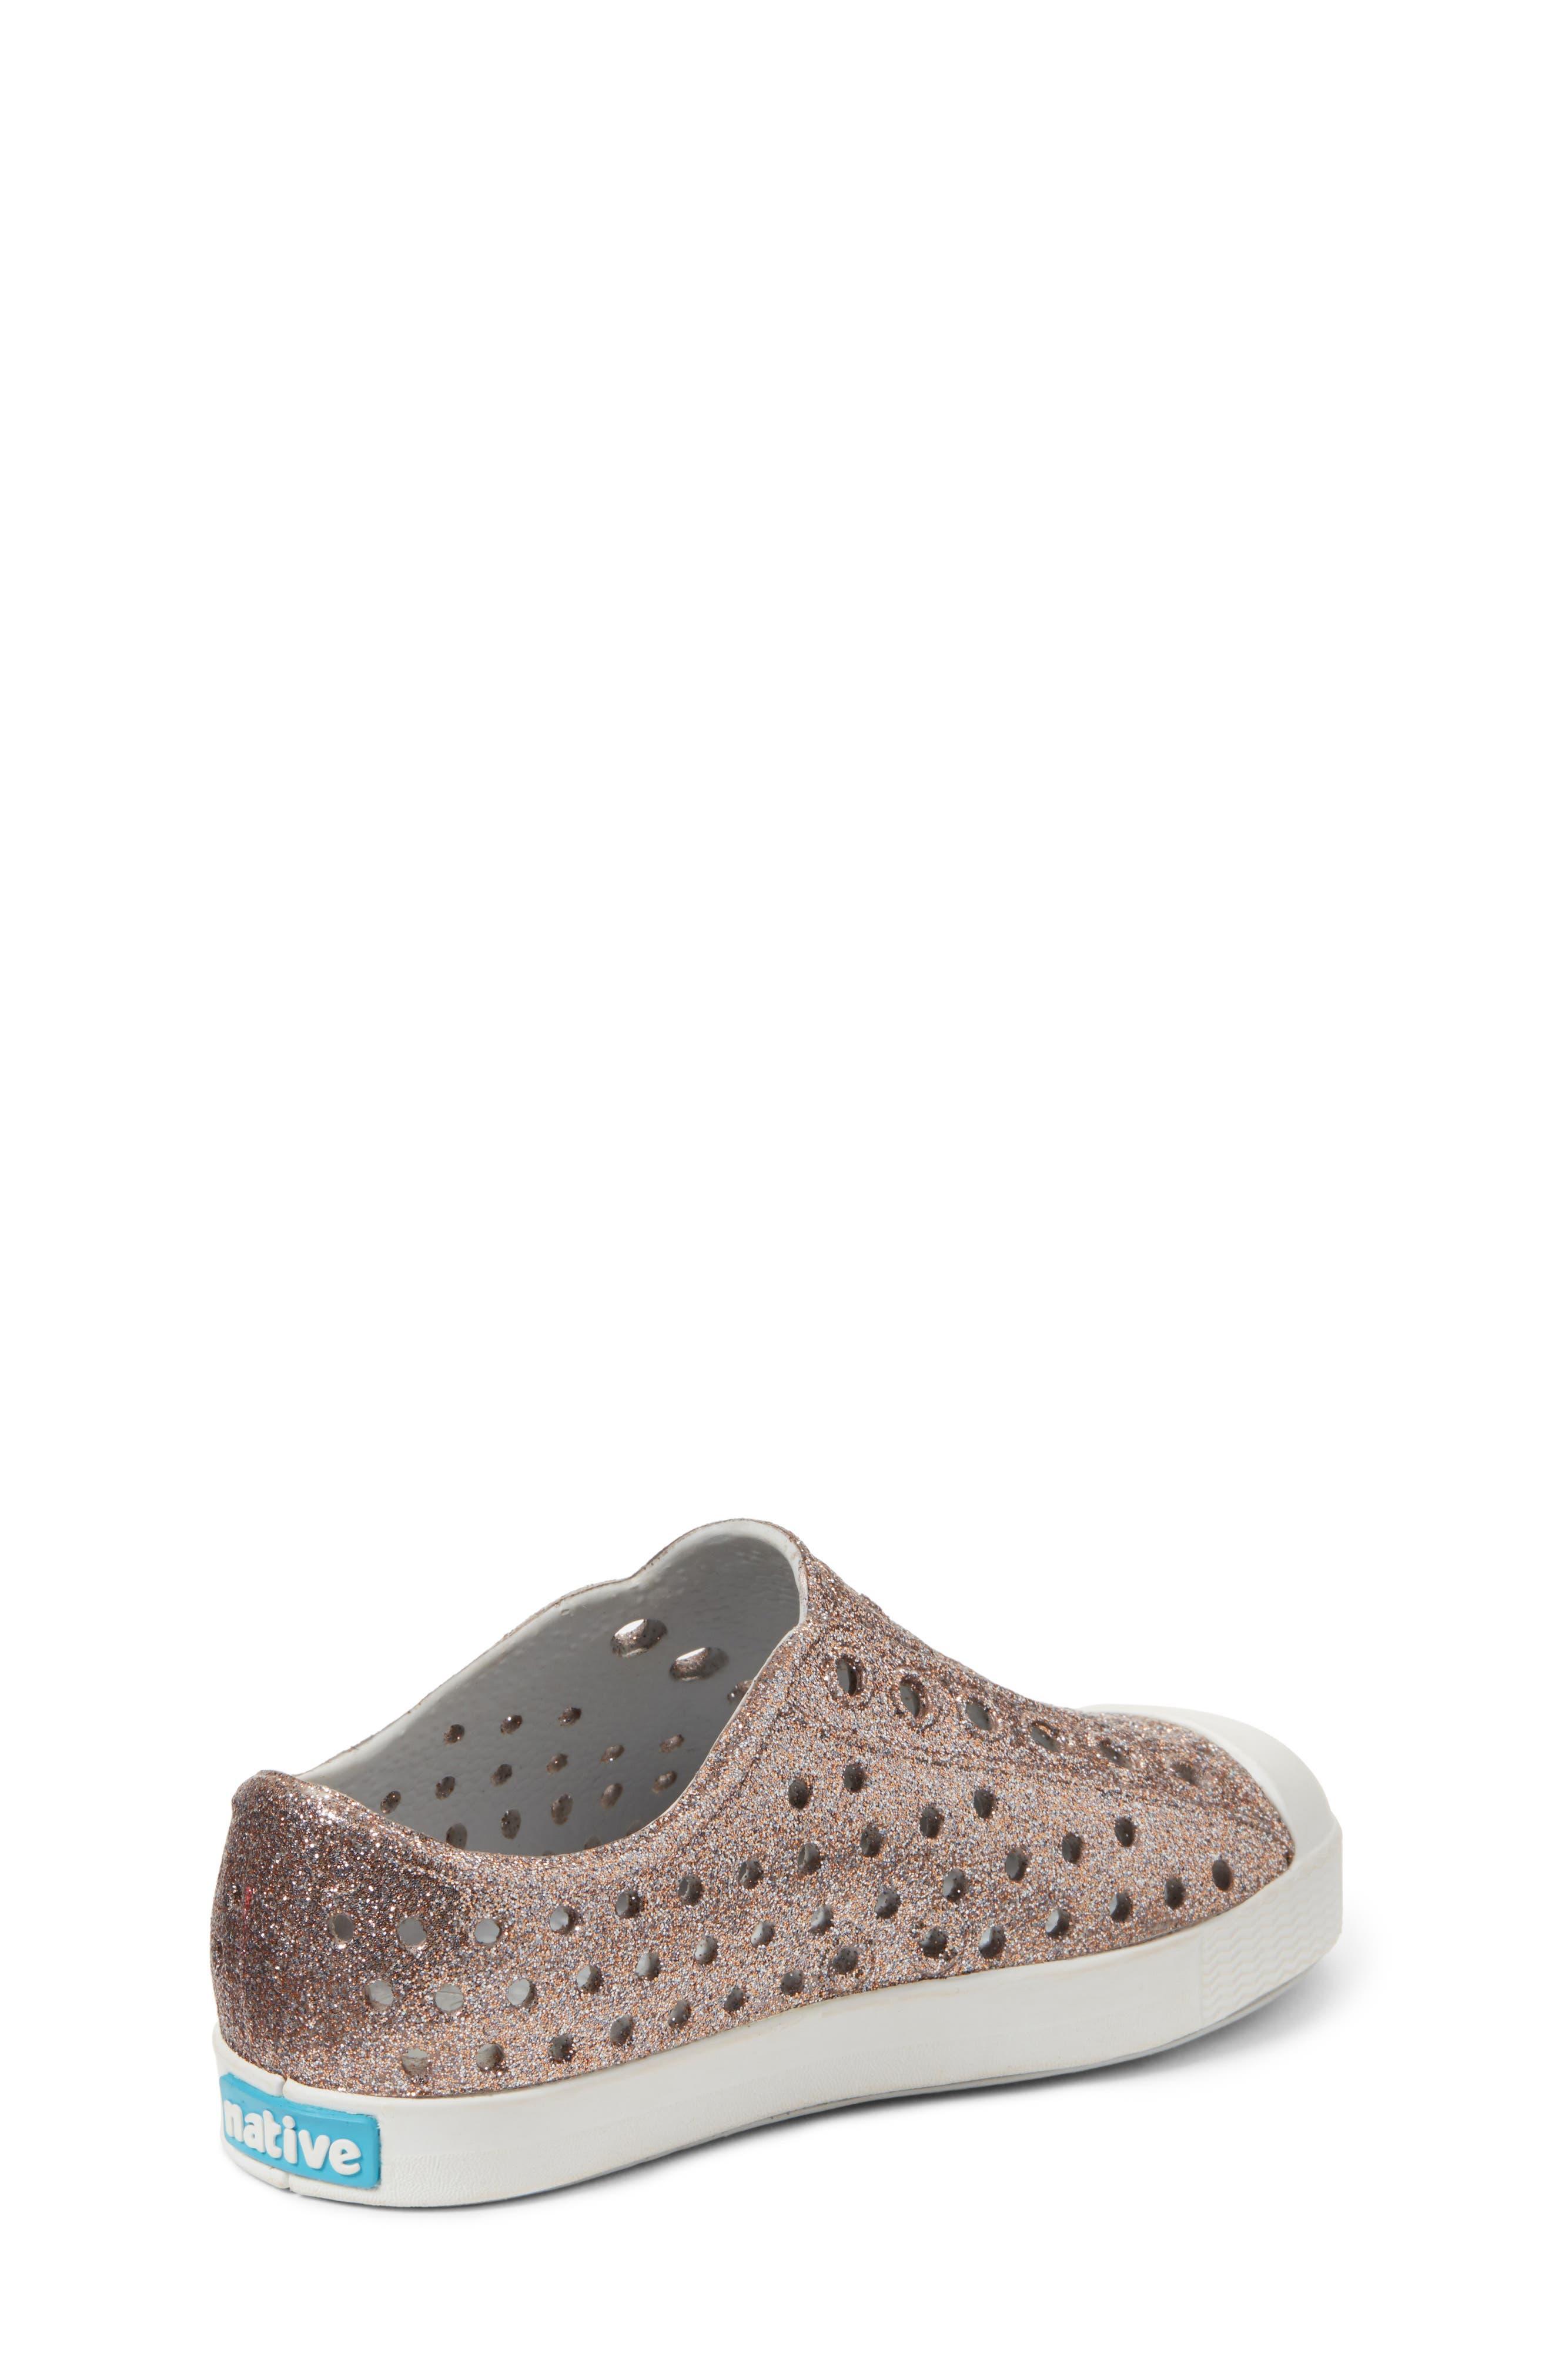 Jefferson - Bling Glitter Slip-On Sneaker,                             Alternate thumbnail 2, color,                             METALLIC BLING/ SHELL WHITE